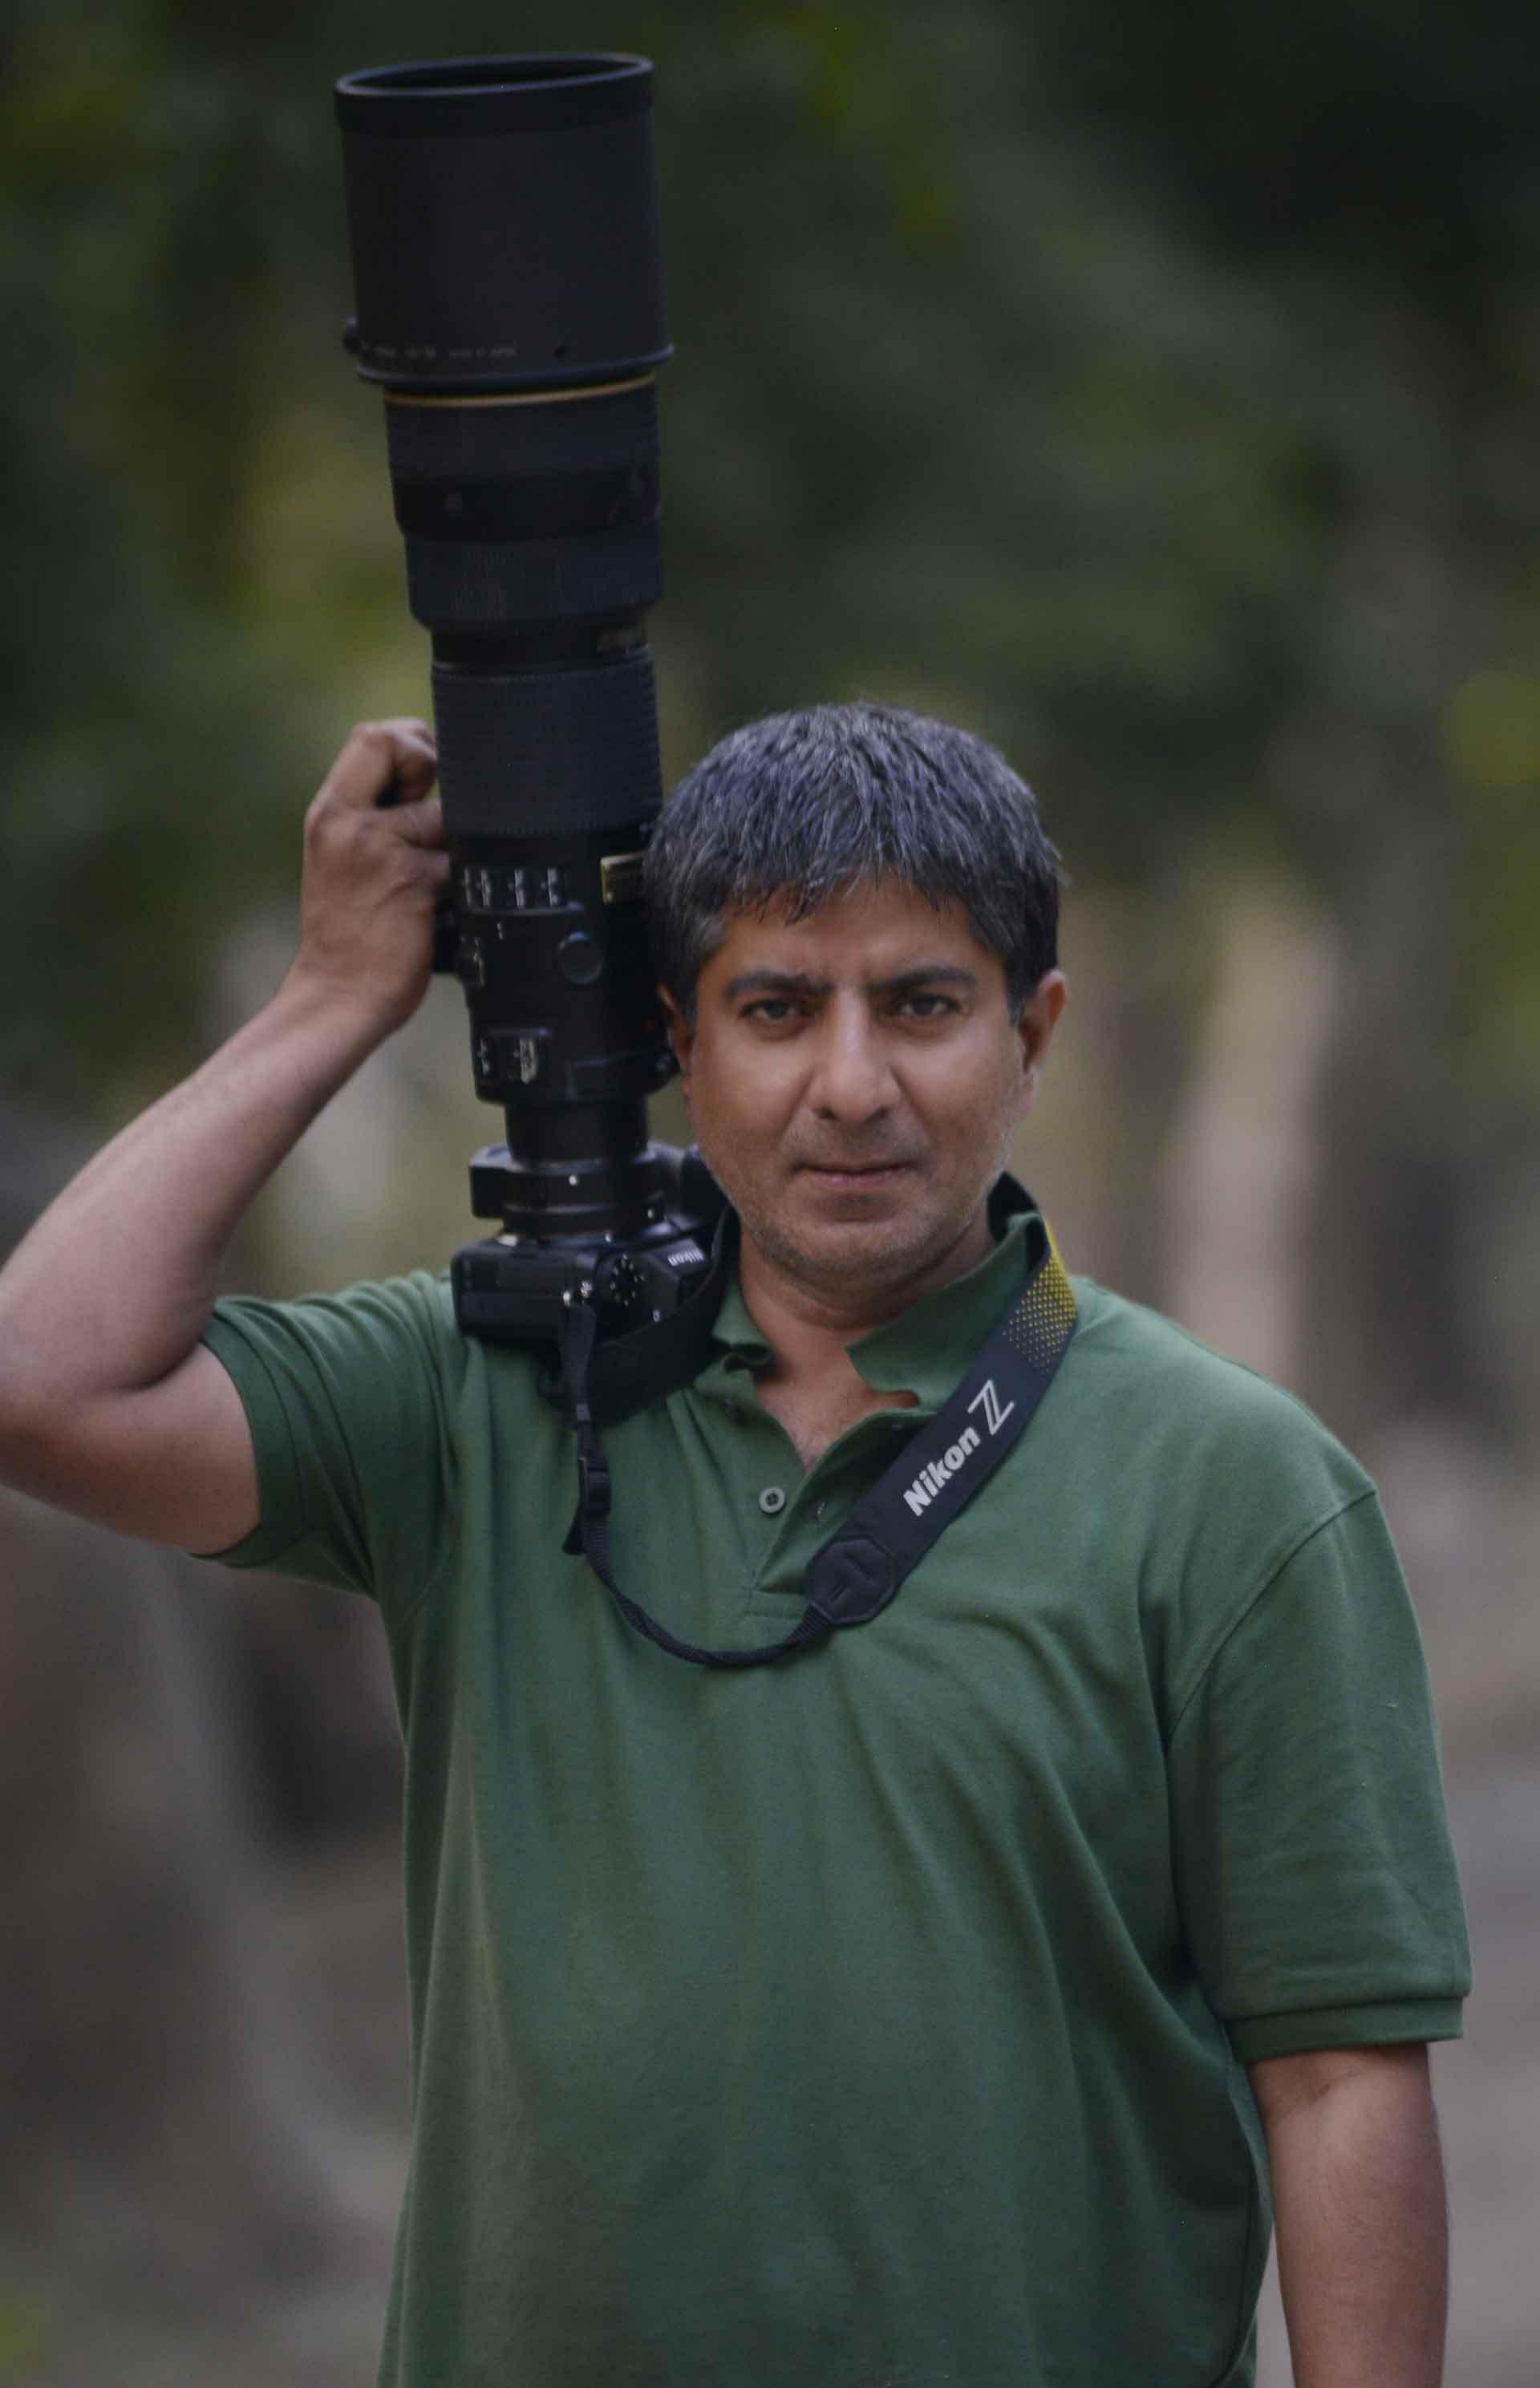 Lalit Rajora - Nikon Expertive